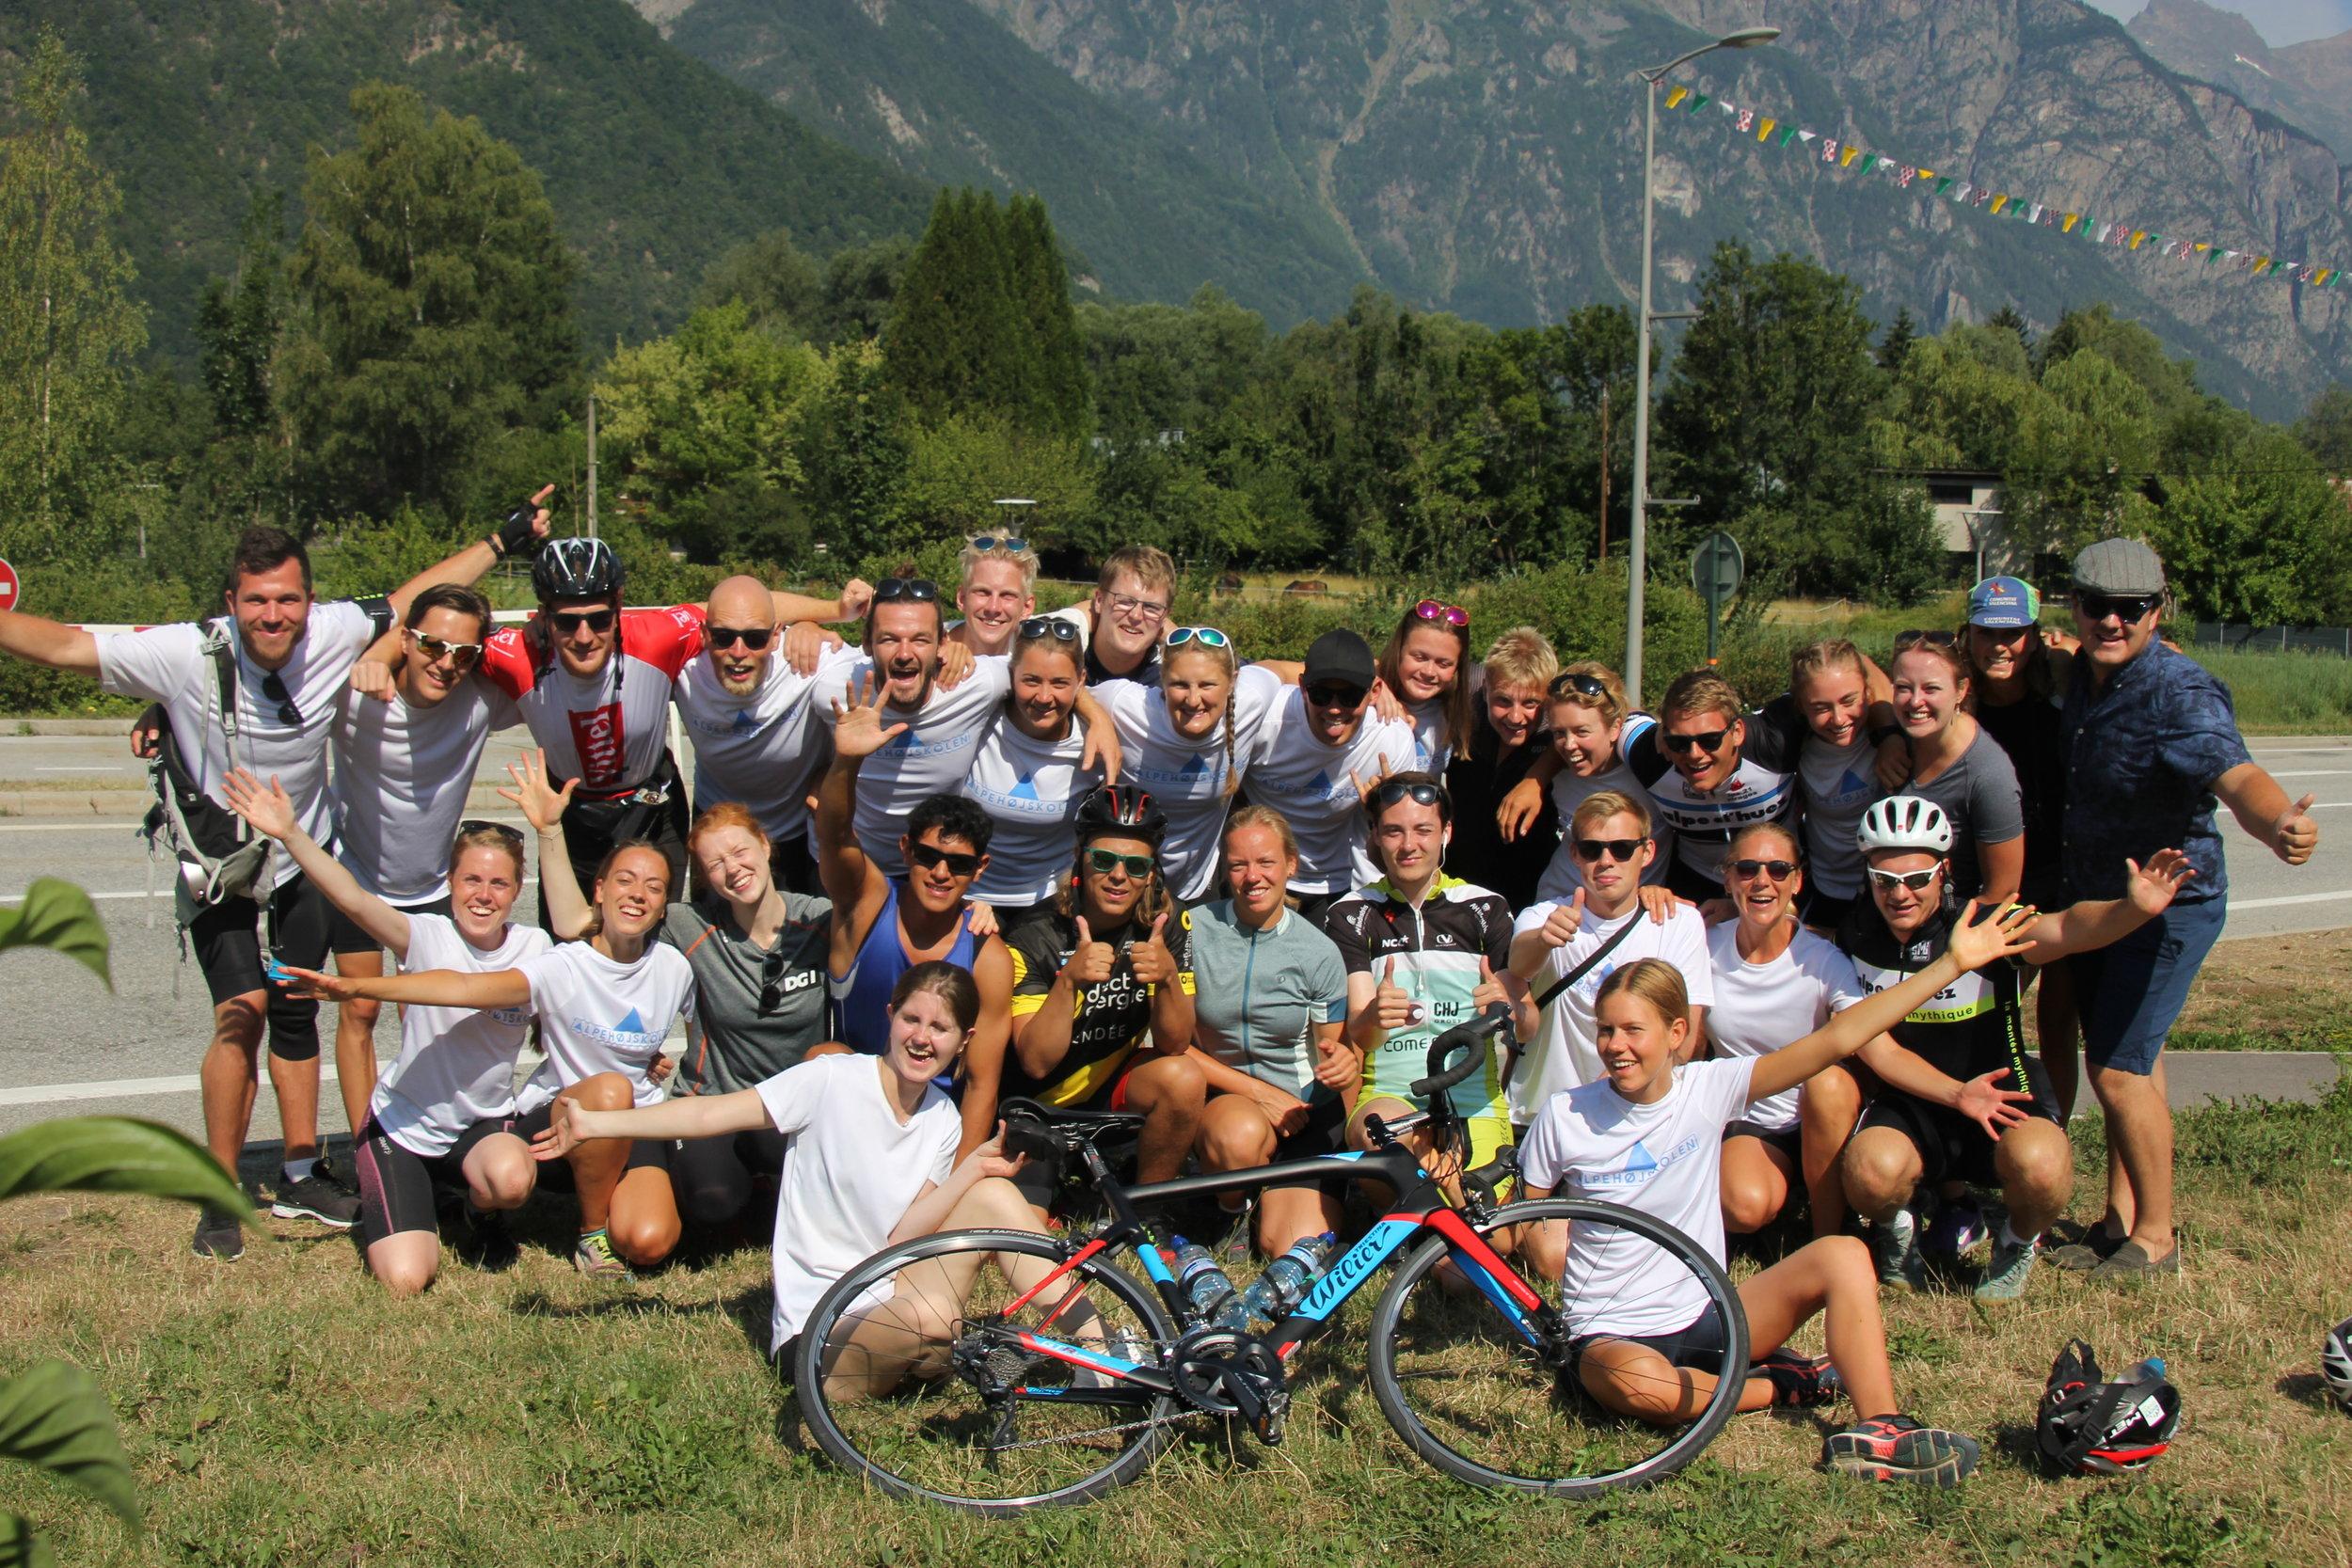 Højskole i udlandet 1 måned | Brug din sommerferie på højskole i alperne |  Fællesskab, leg, læring og udvikling